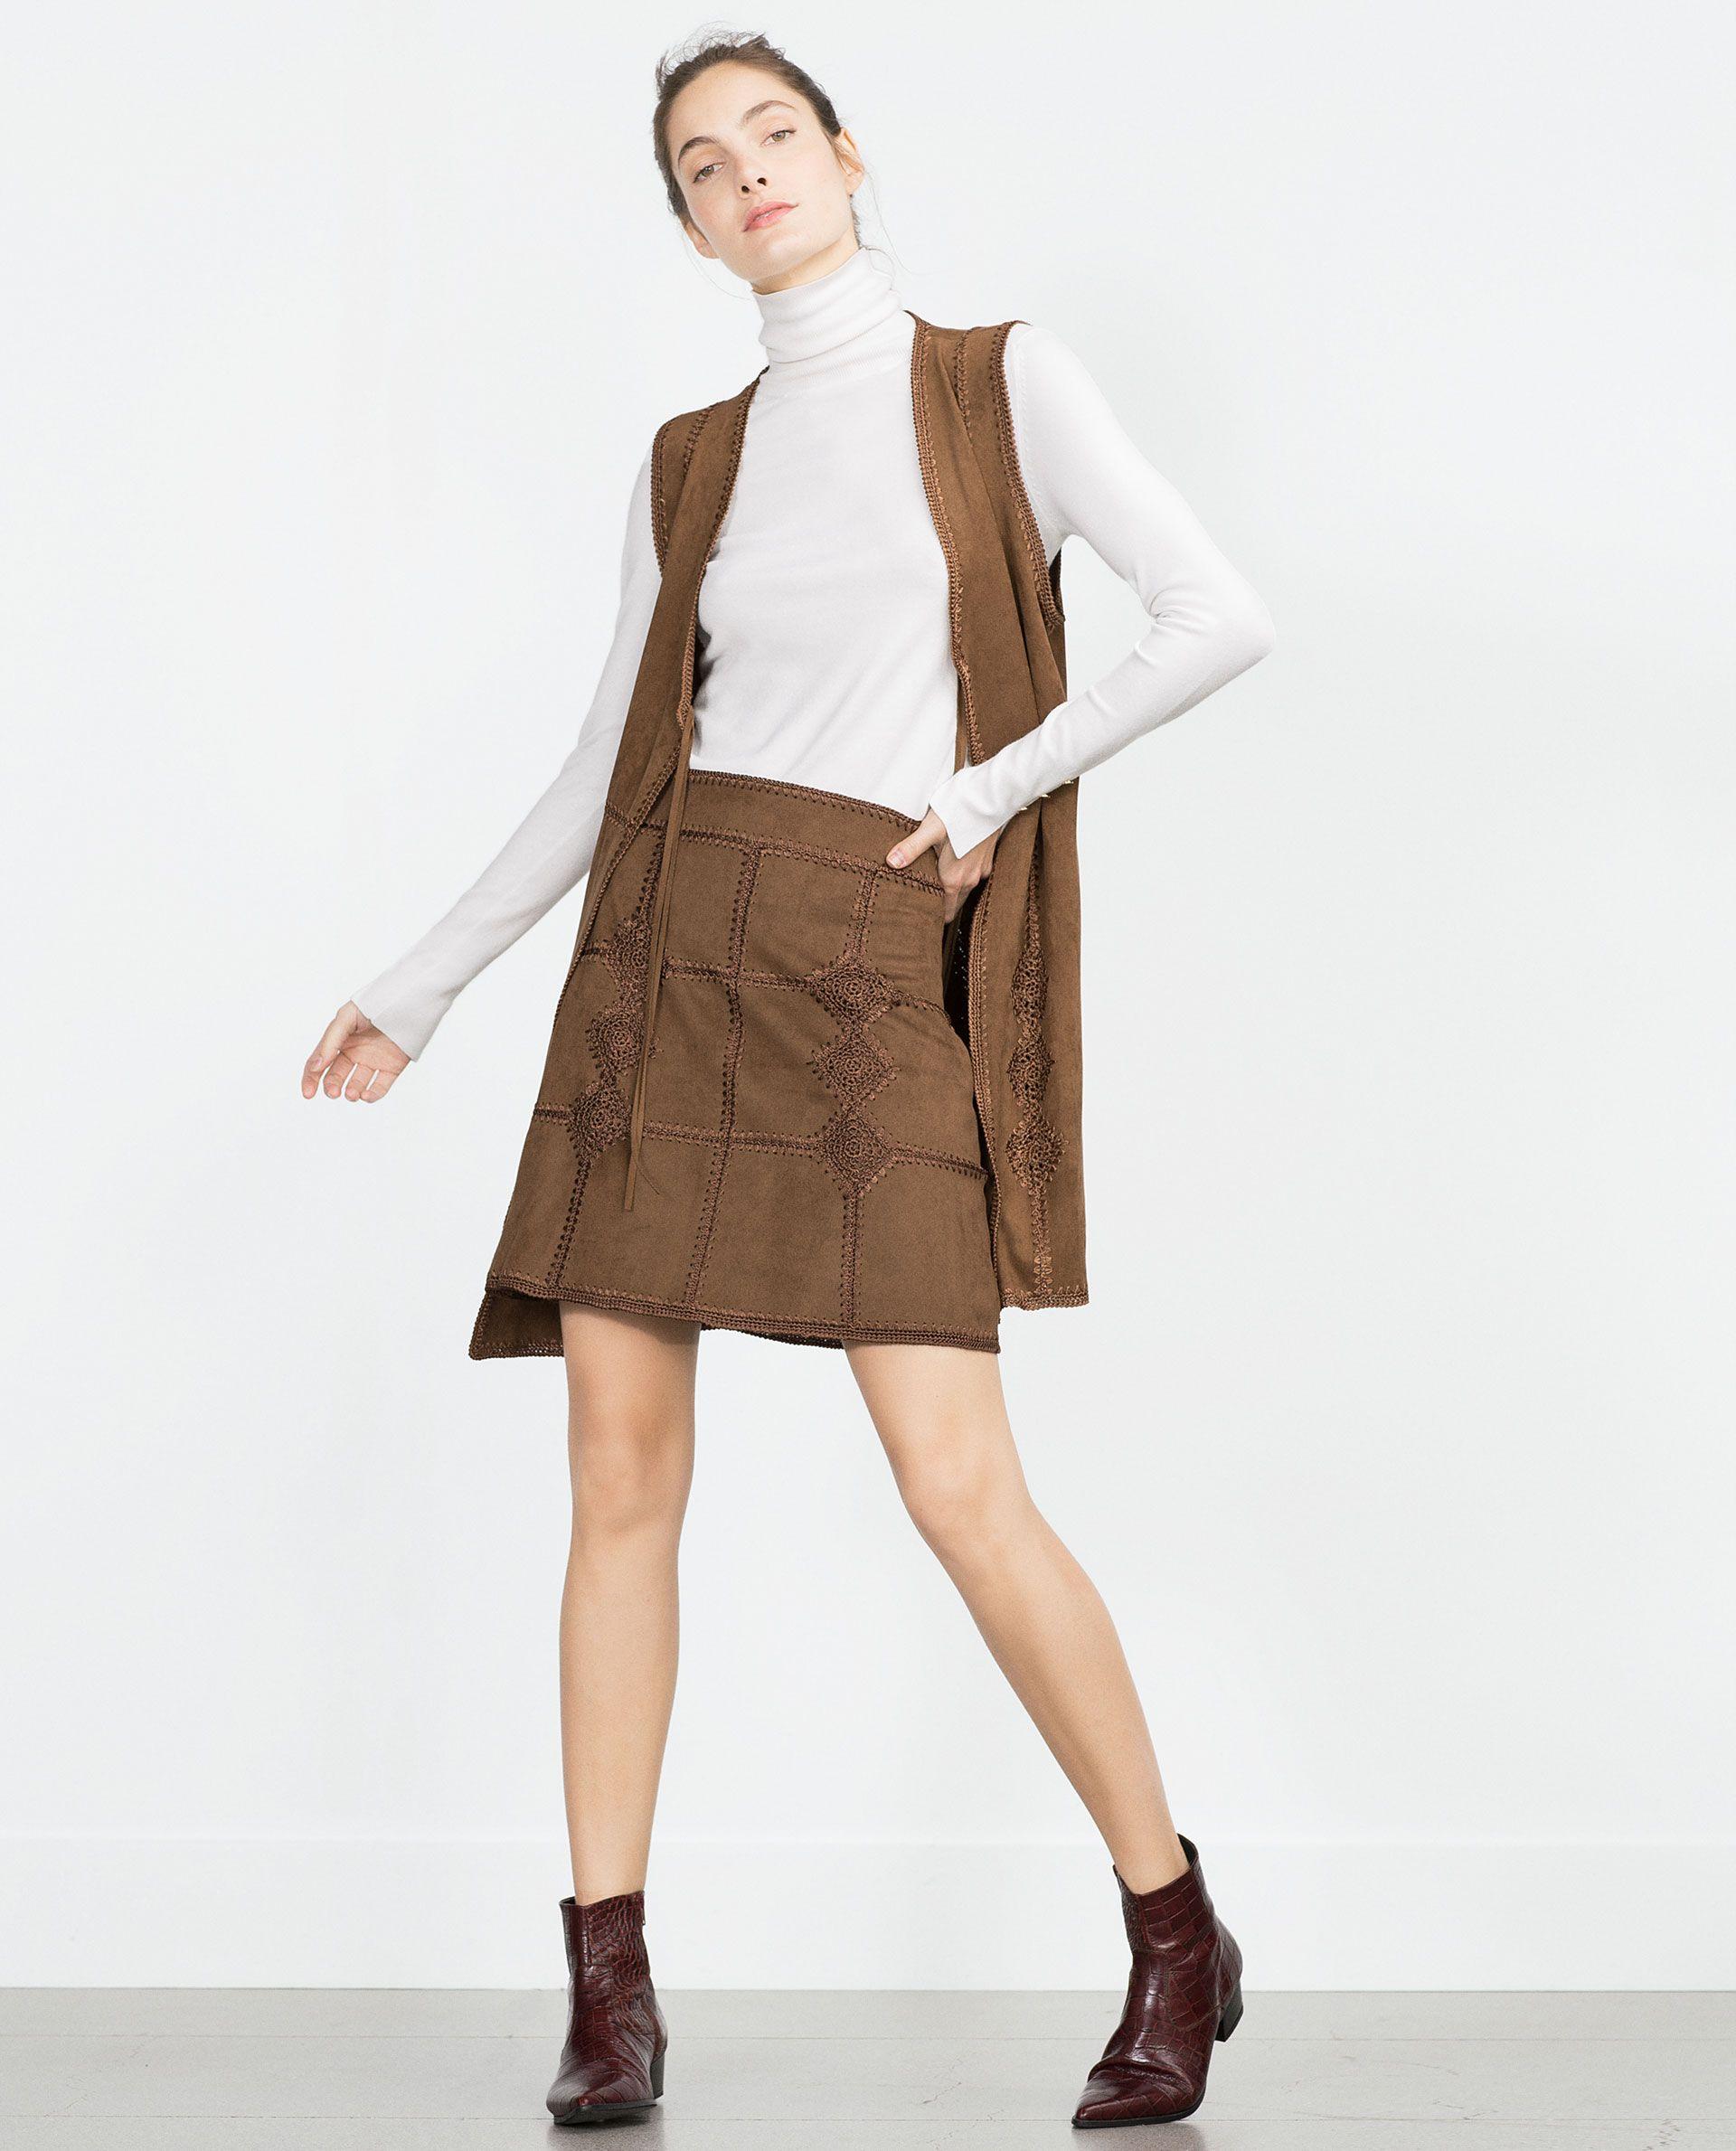 Zara AVANCE colección Primavera Verano 2015 mujer